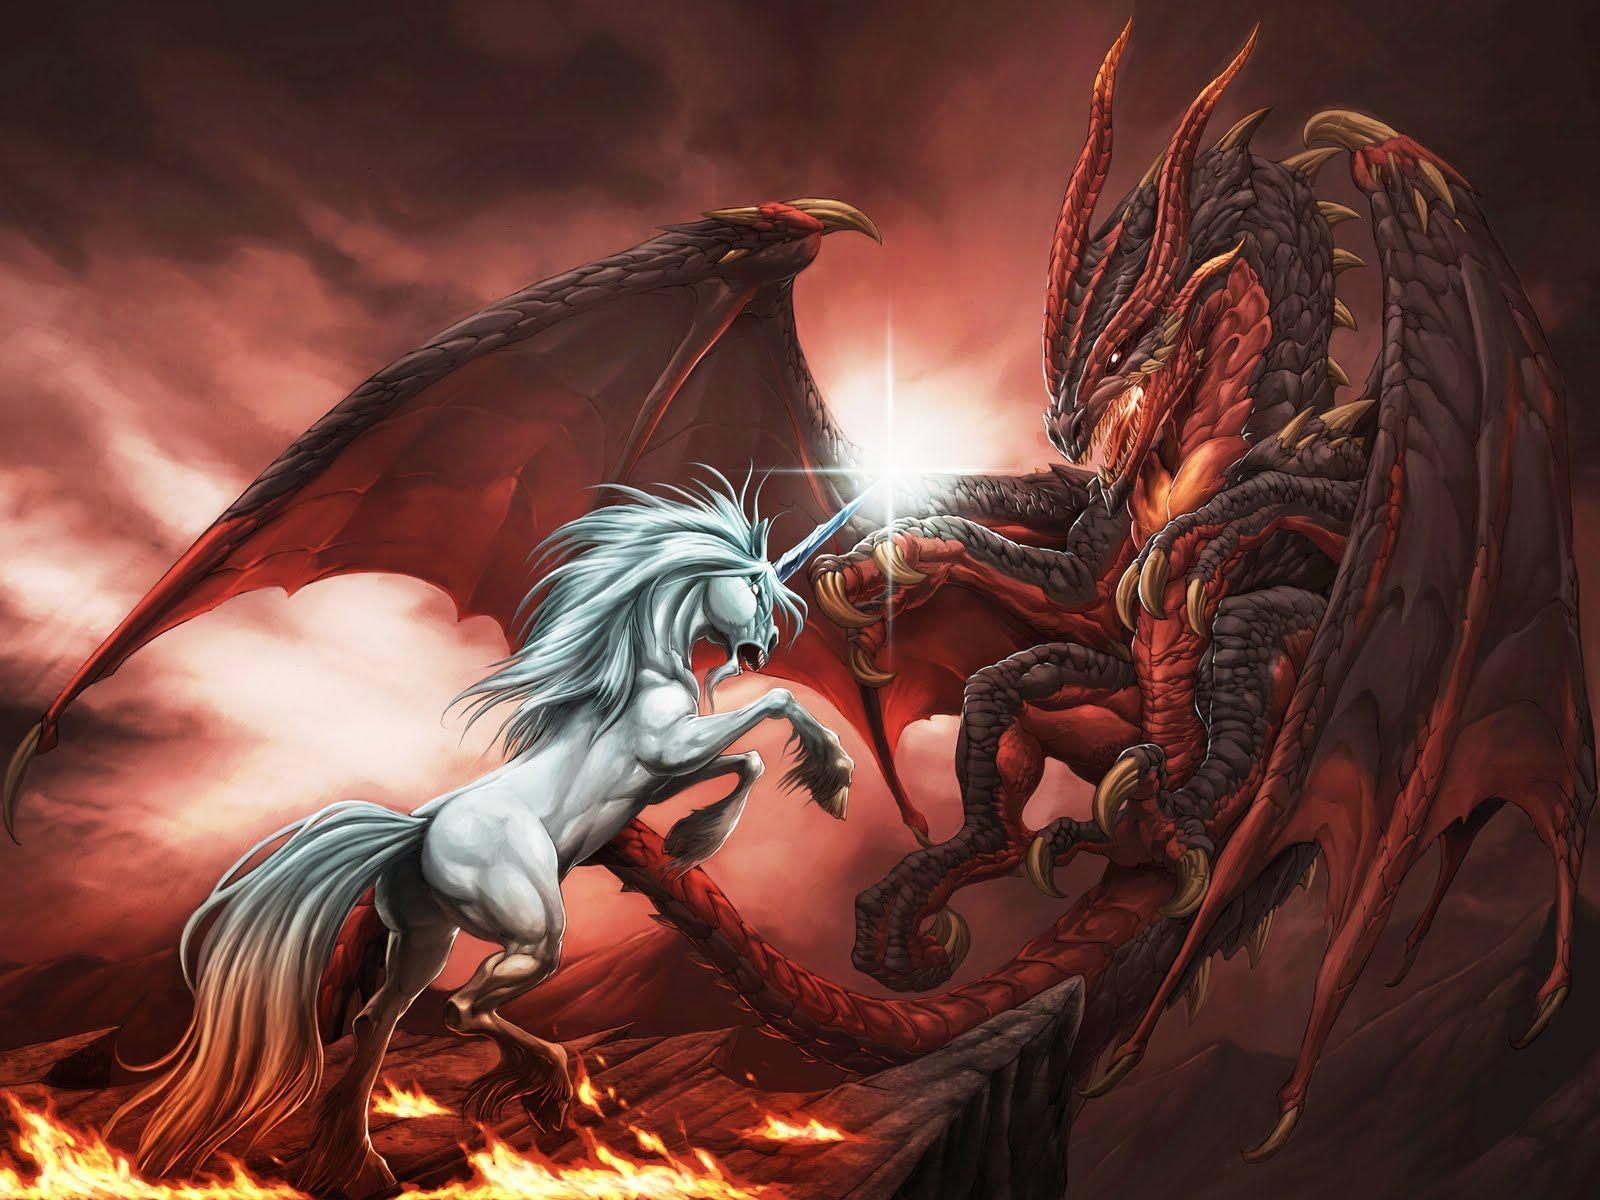 mythology bubo s blog more cool mythology wallpapers fantasy